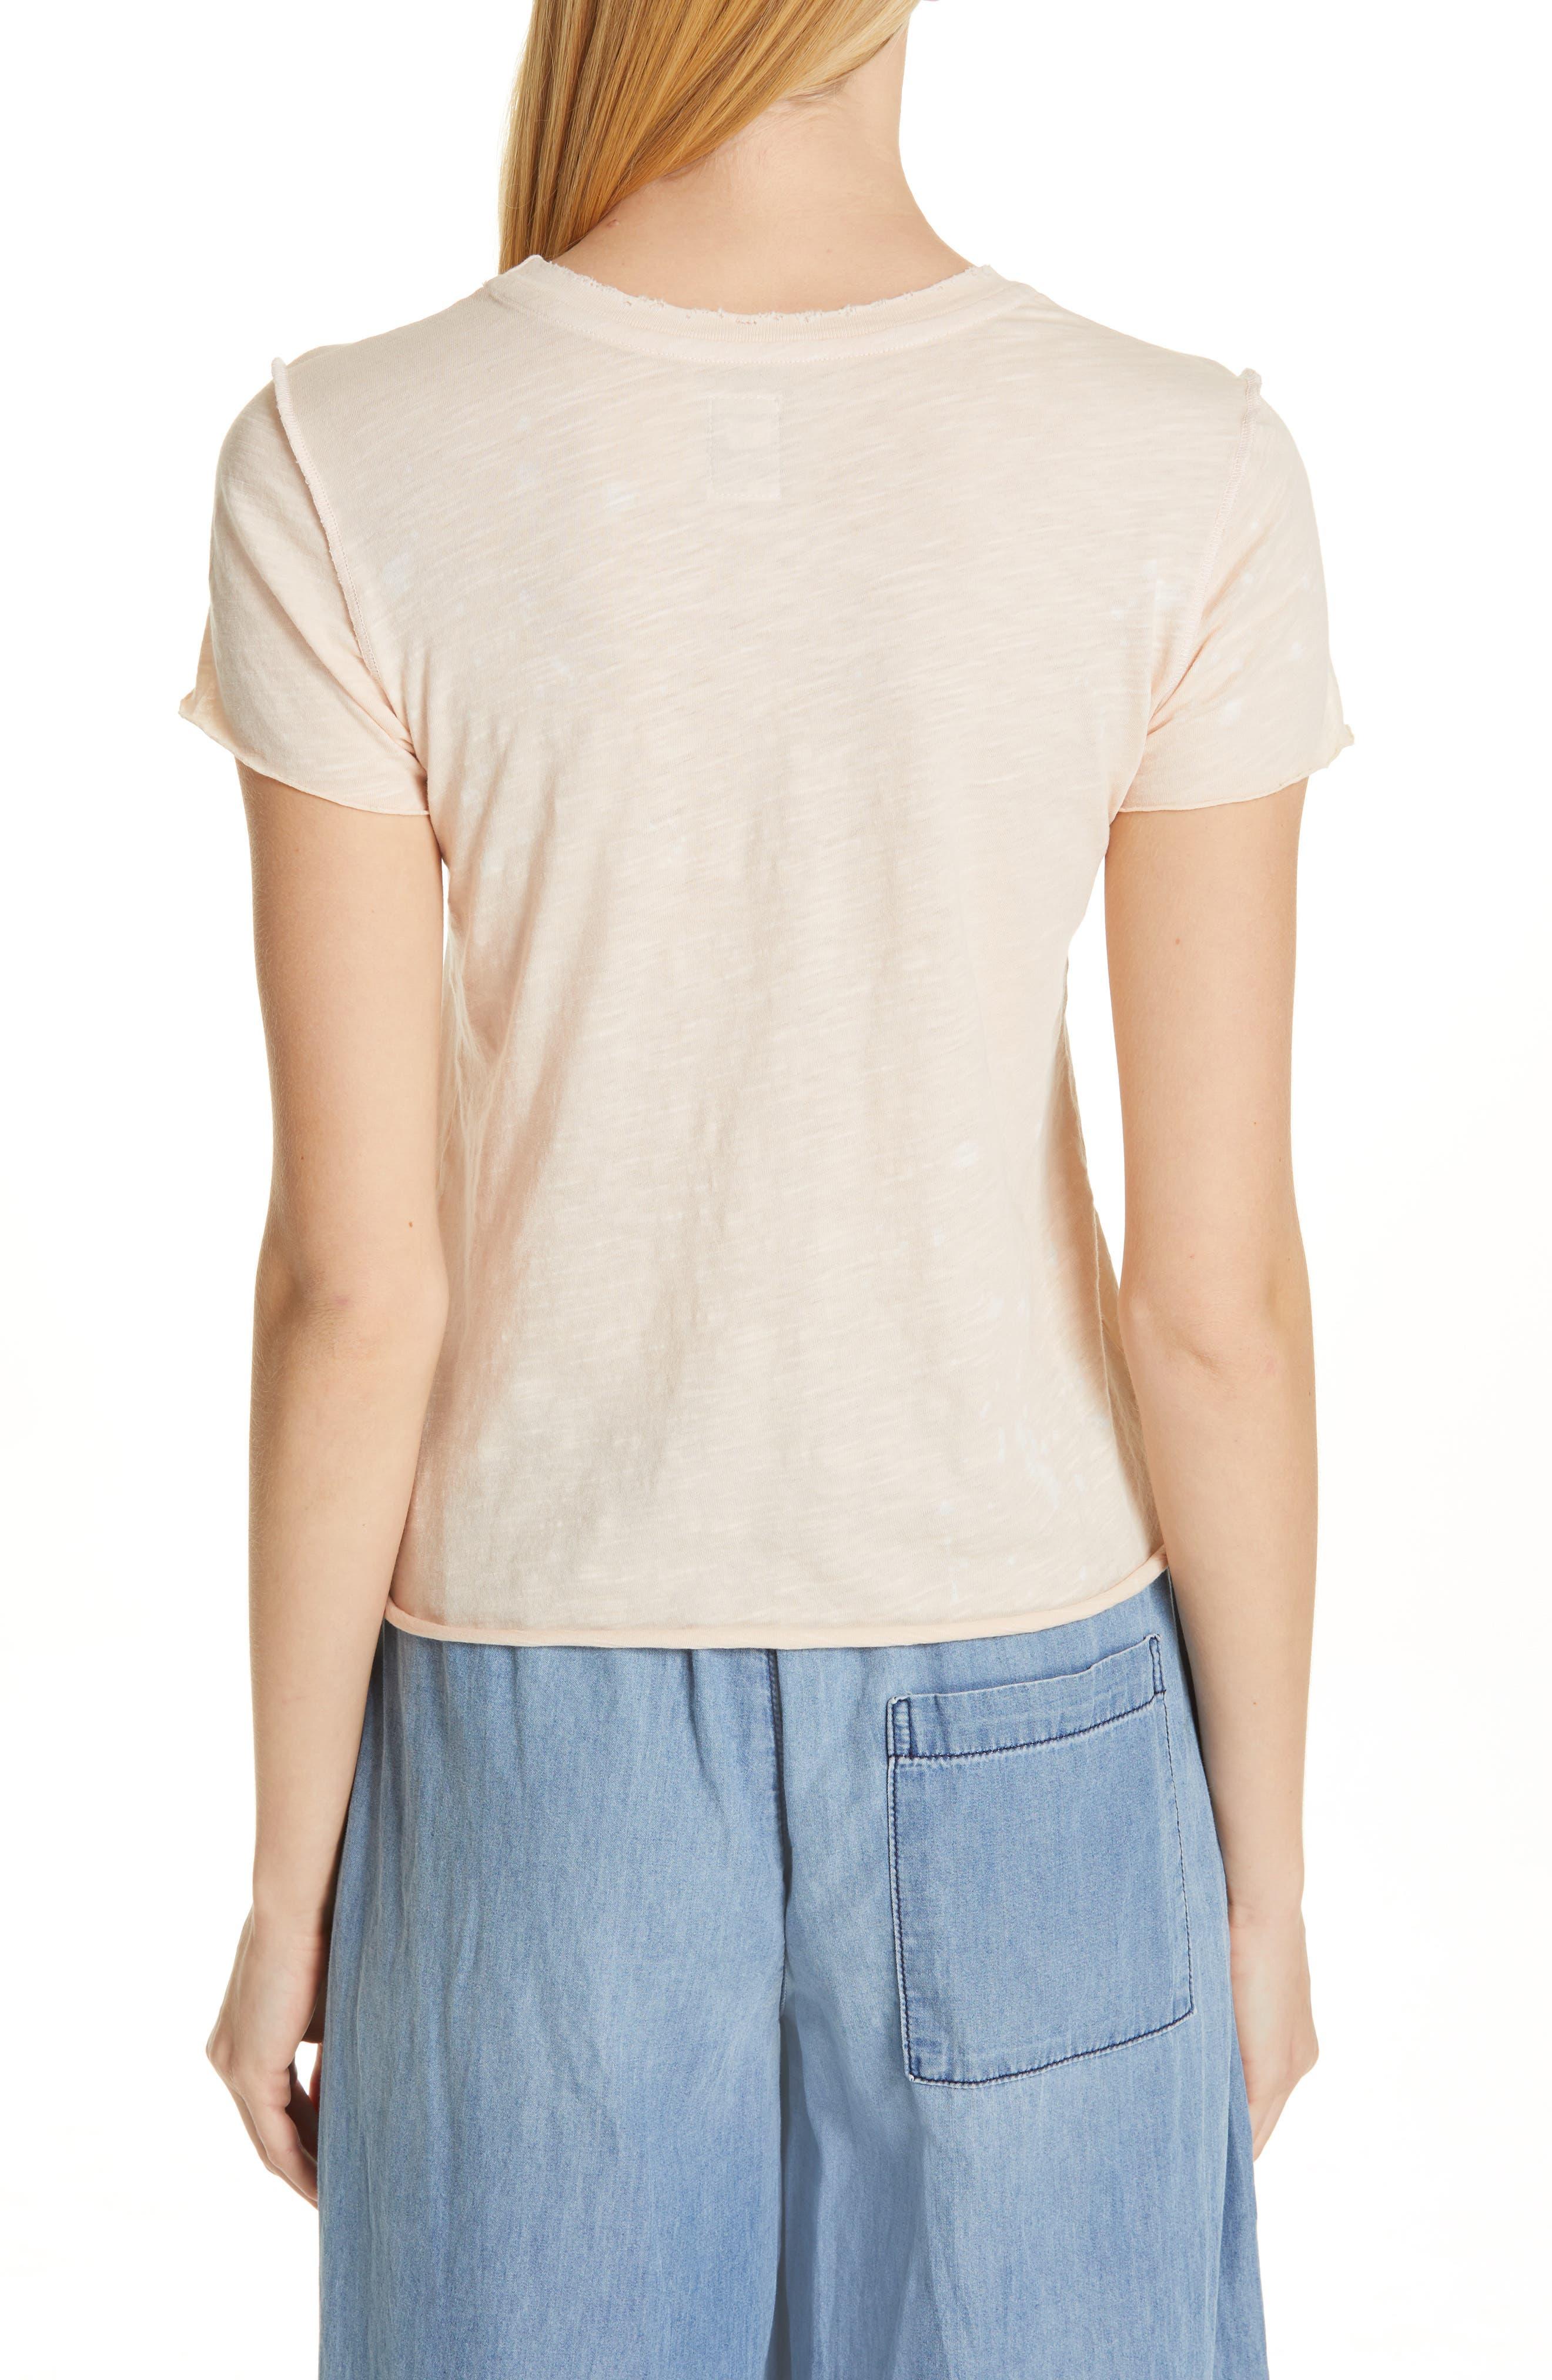 944220d13767 Women s NSF Clothing Clothing